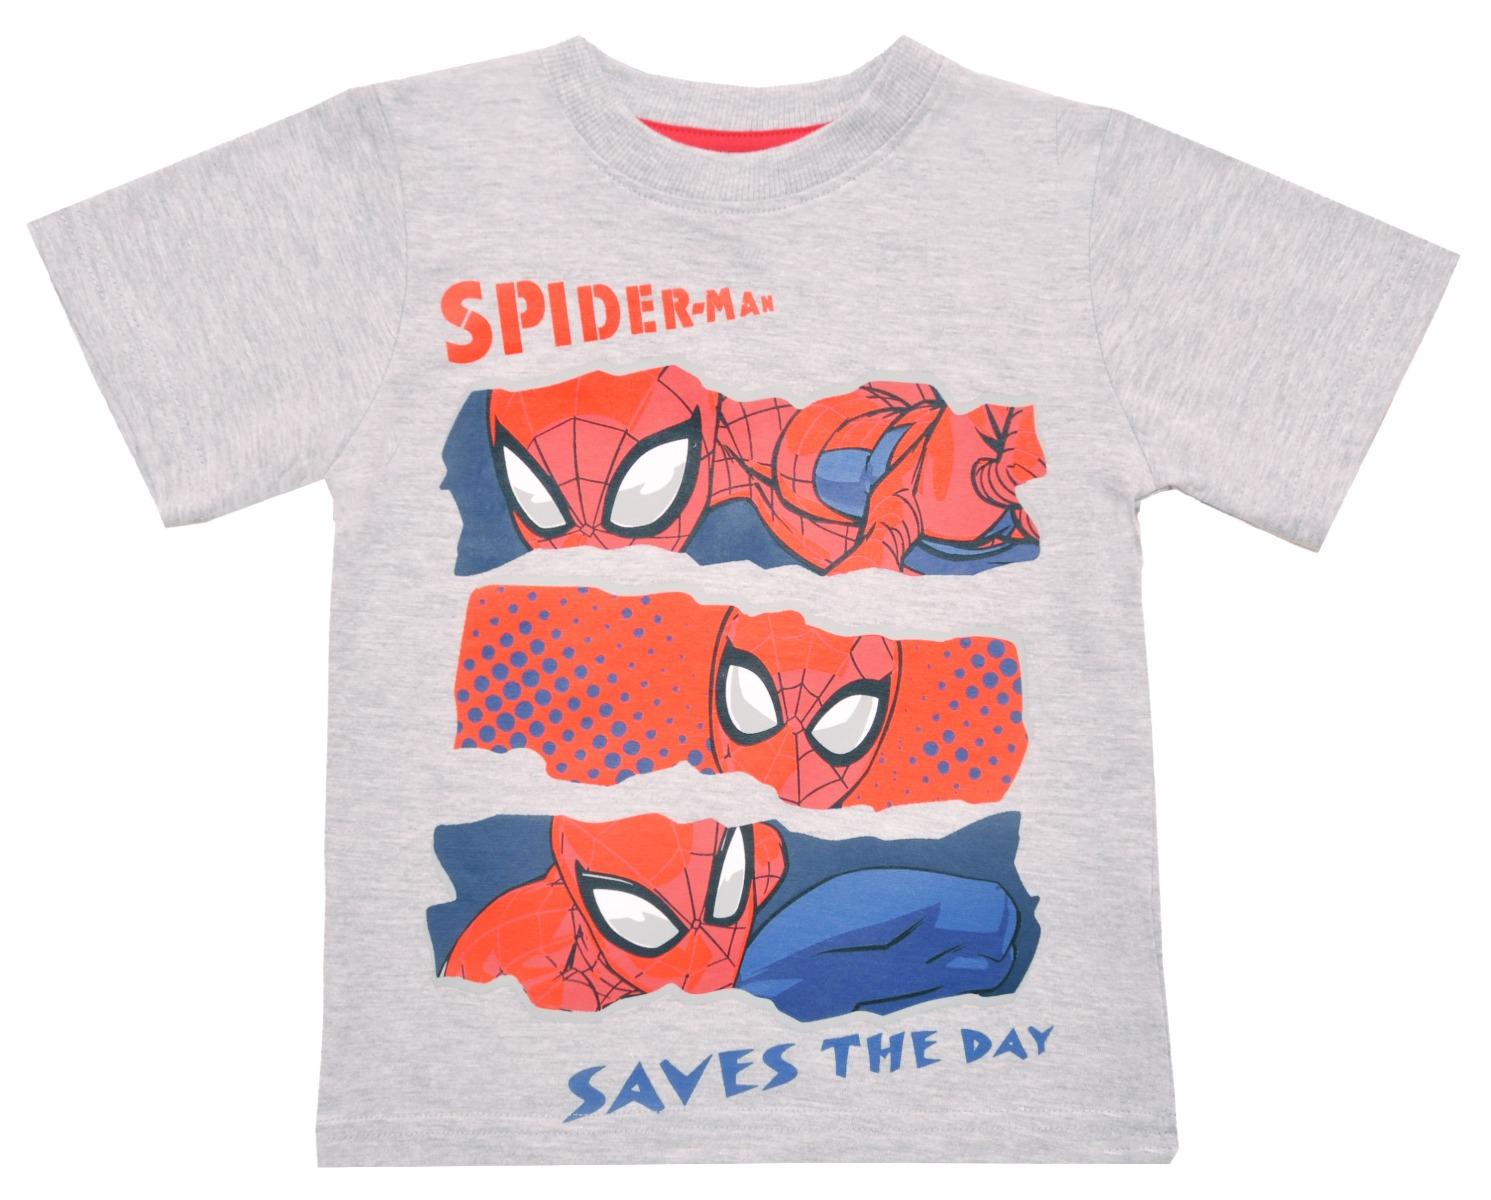 Tricou cu maneca scurta si imprimeu Spiderman, Gri